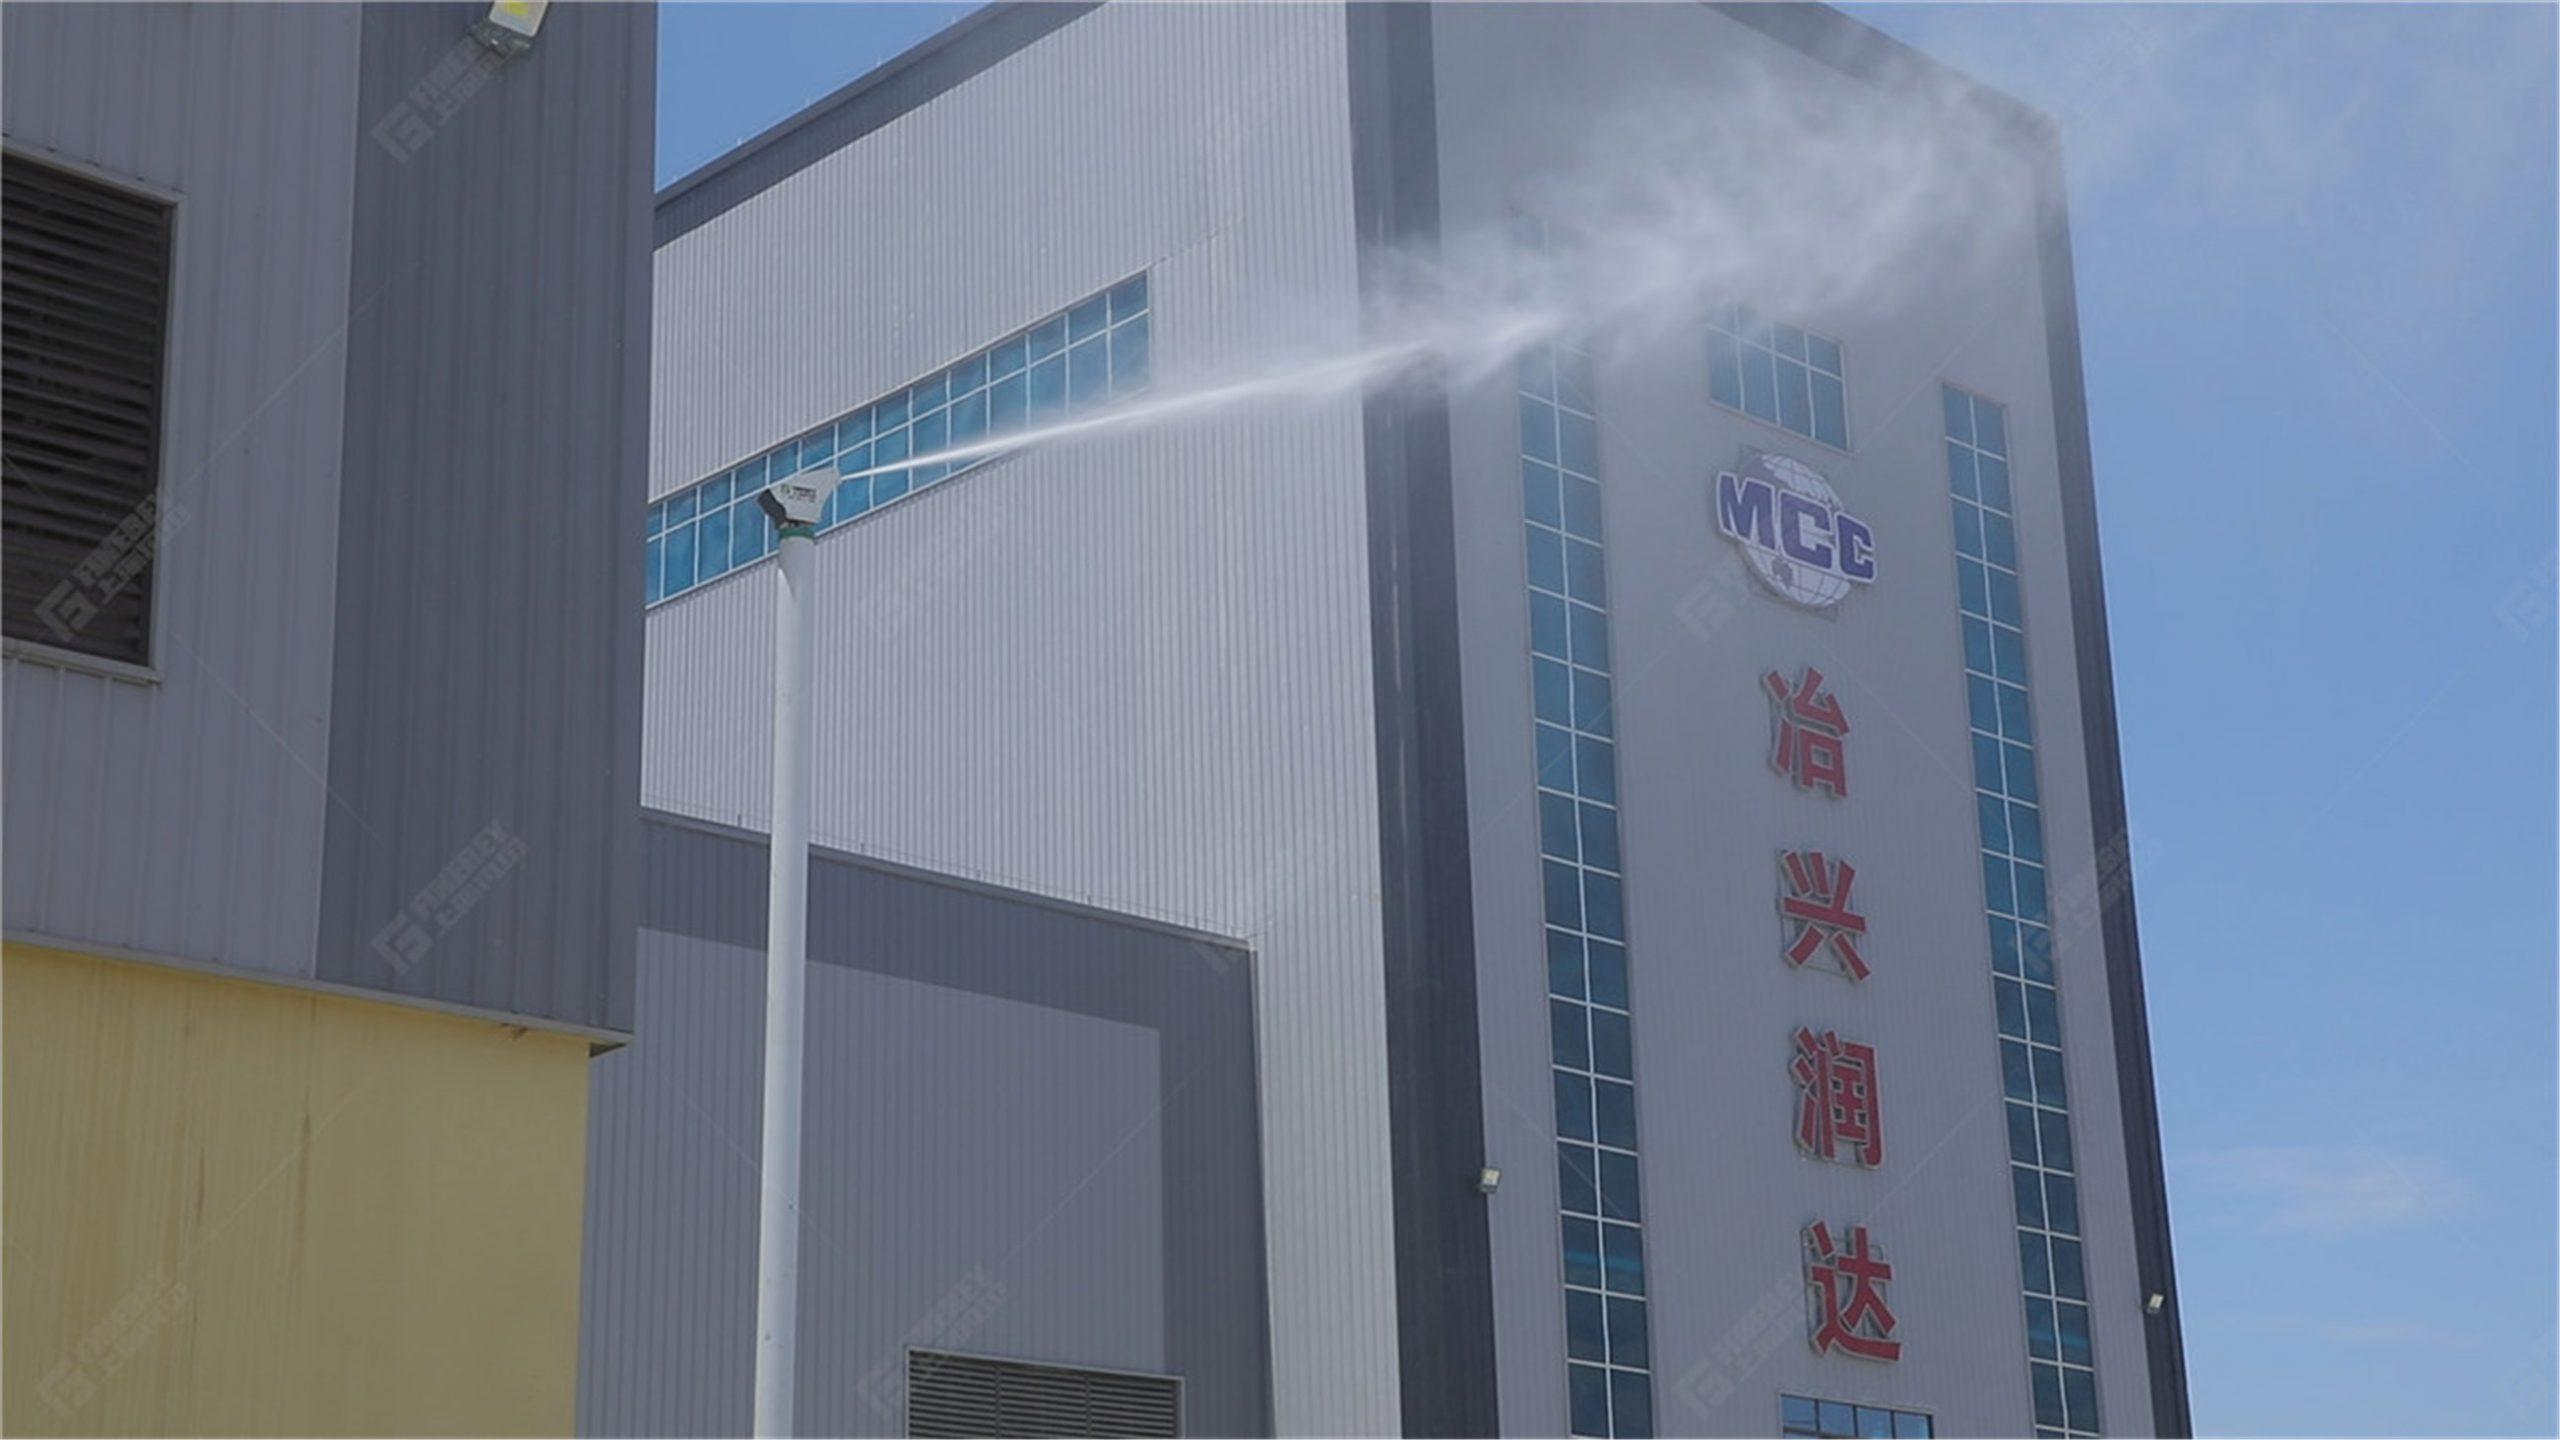 环保新风吹进西南 | 凡贝洗车机、砂石分离机、室外雾桩室内喷雾助力成都冶兴润达打造环保示范性混凝土企业